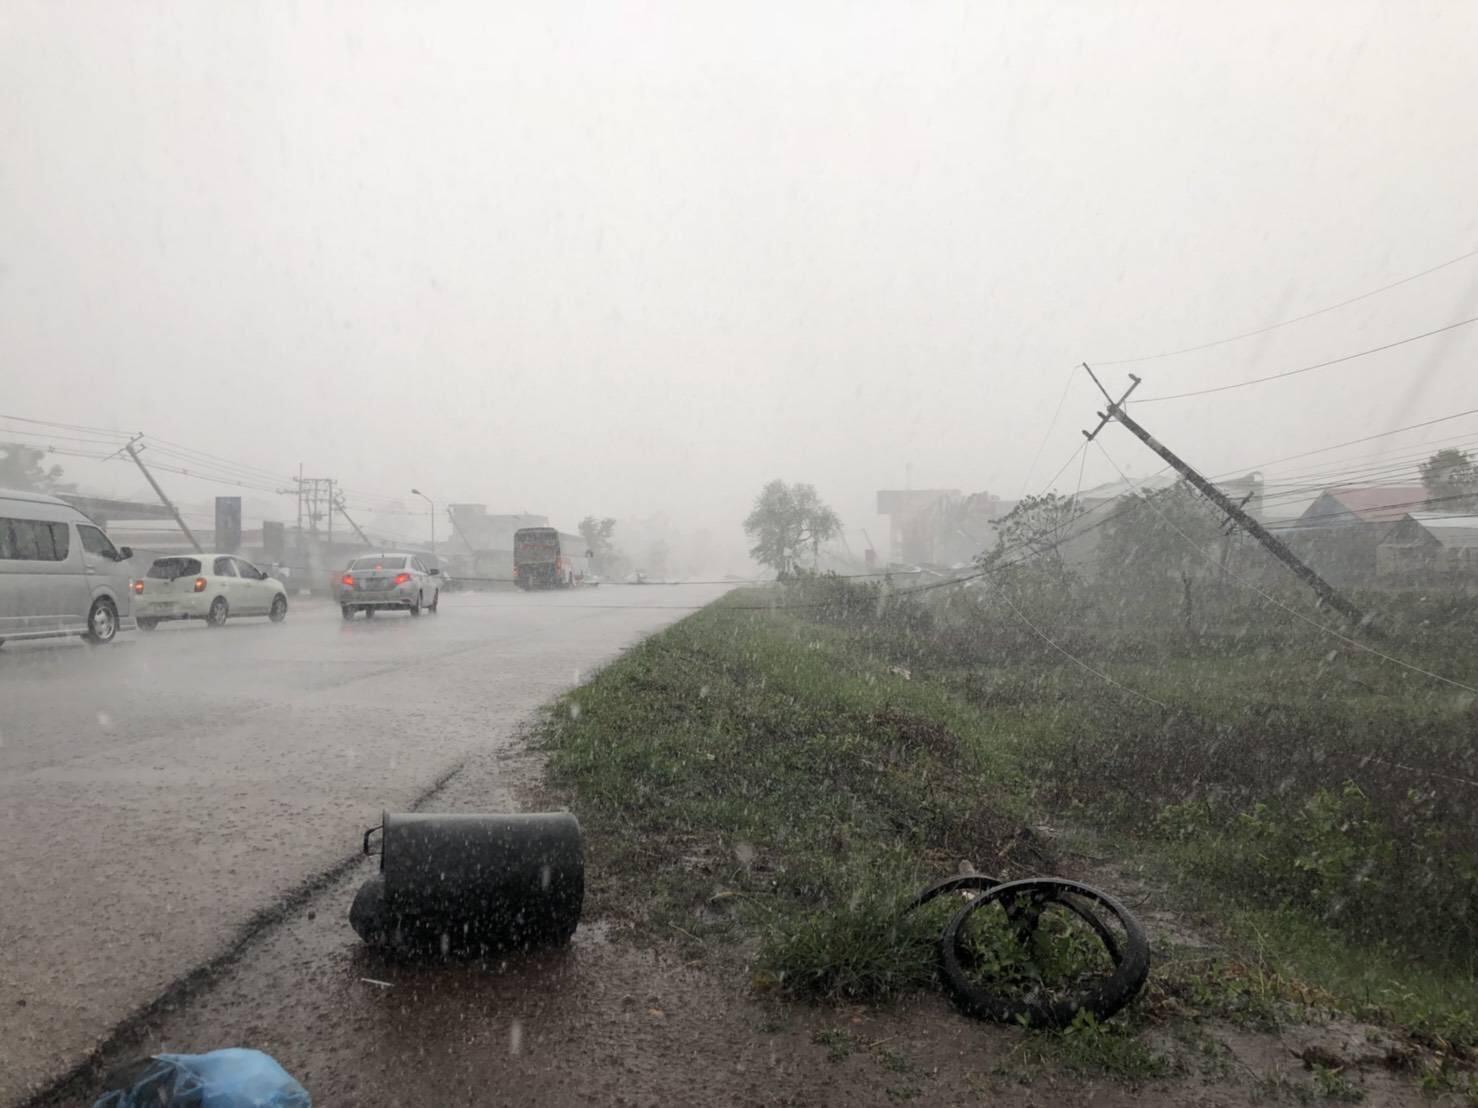 พายุฤดูร้อนถล่มสกลนคร ฝนตกหนัก-ลมพัดหลังคาปลิวว่อน